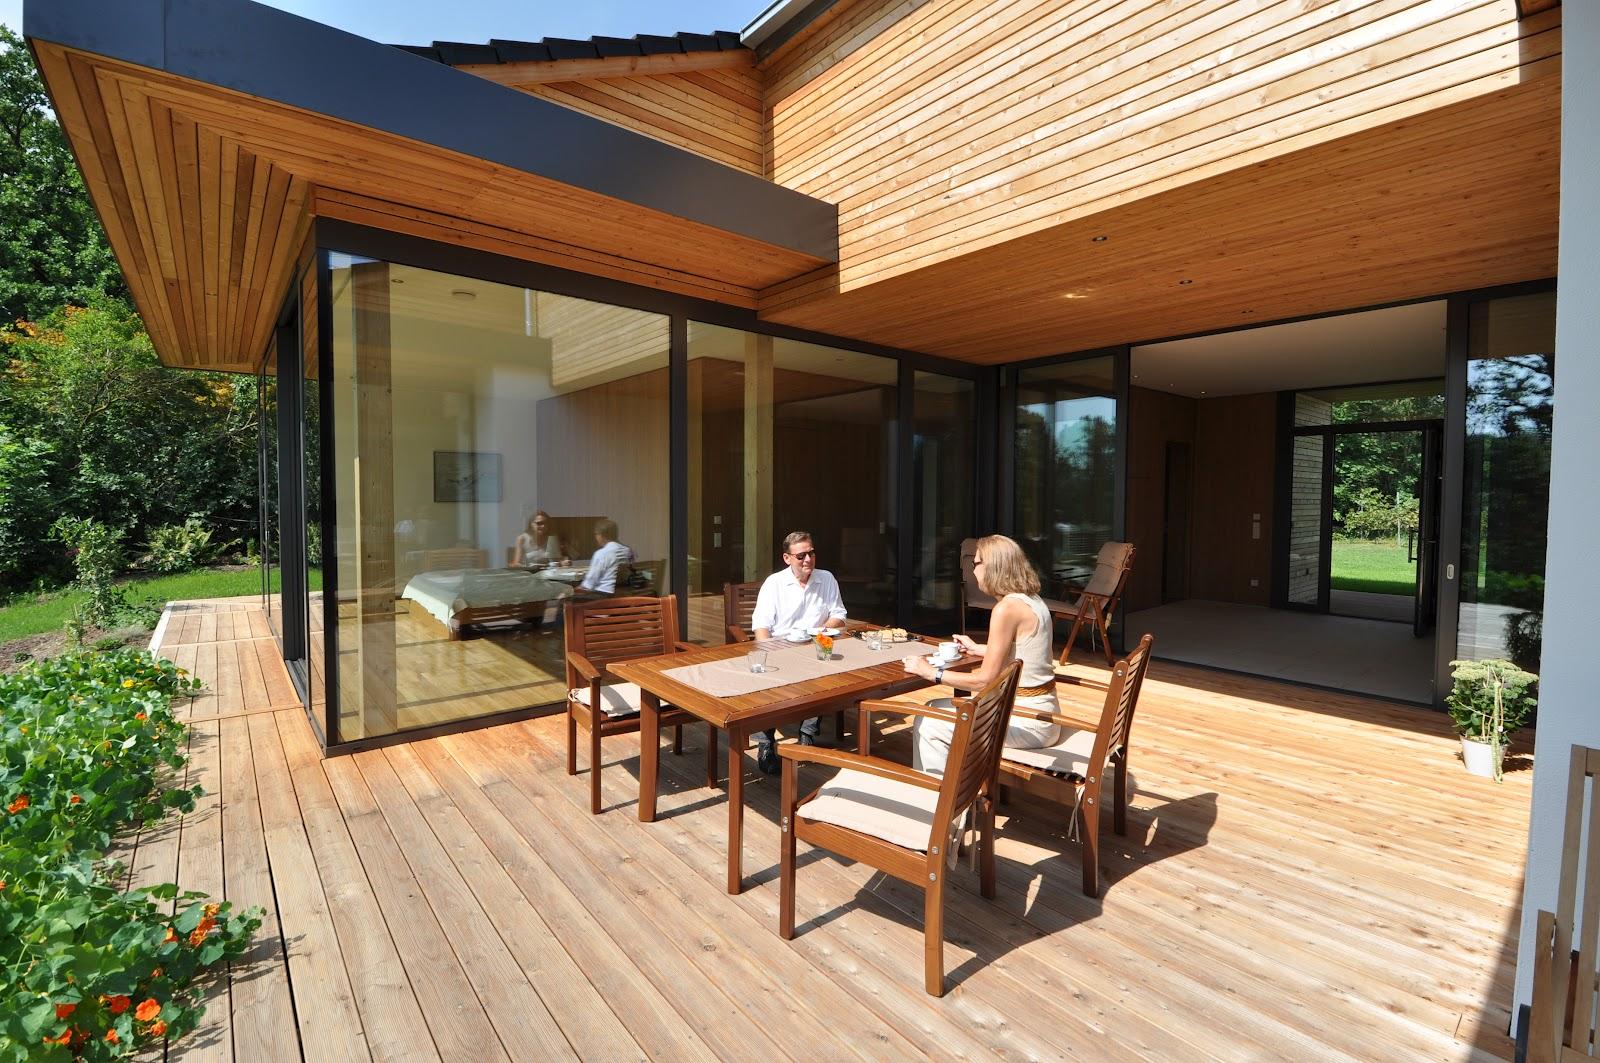 neue wohnformen in der sendung traumh user im br. Black Bedroom Furniture Sets. Home Design Ideas